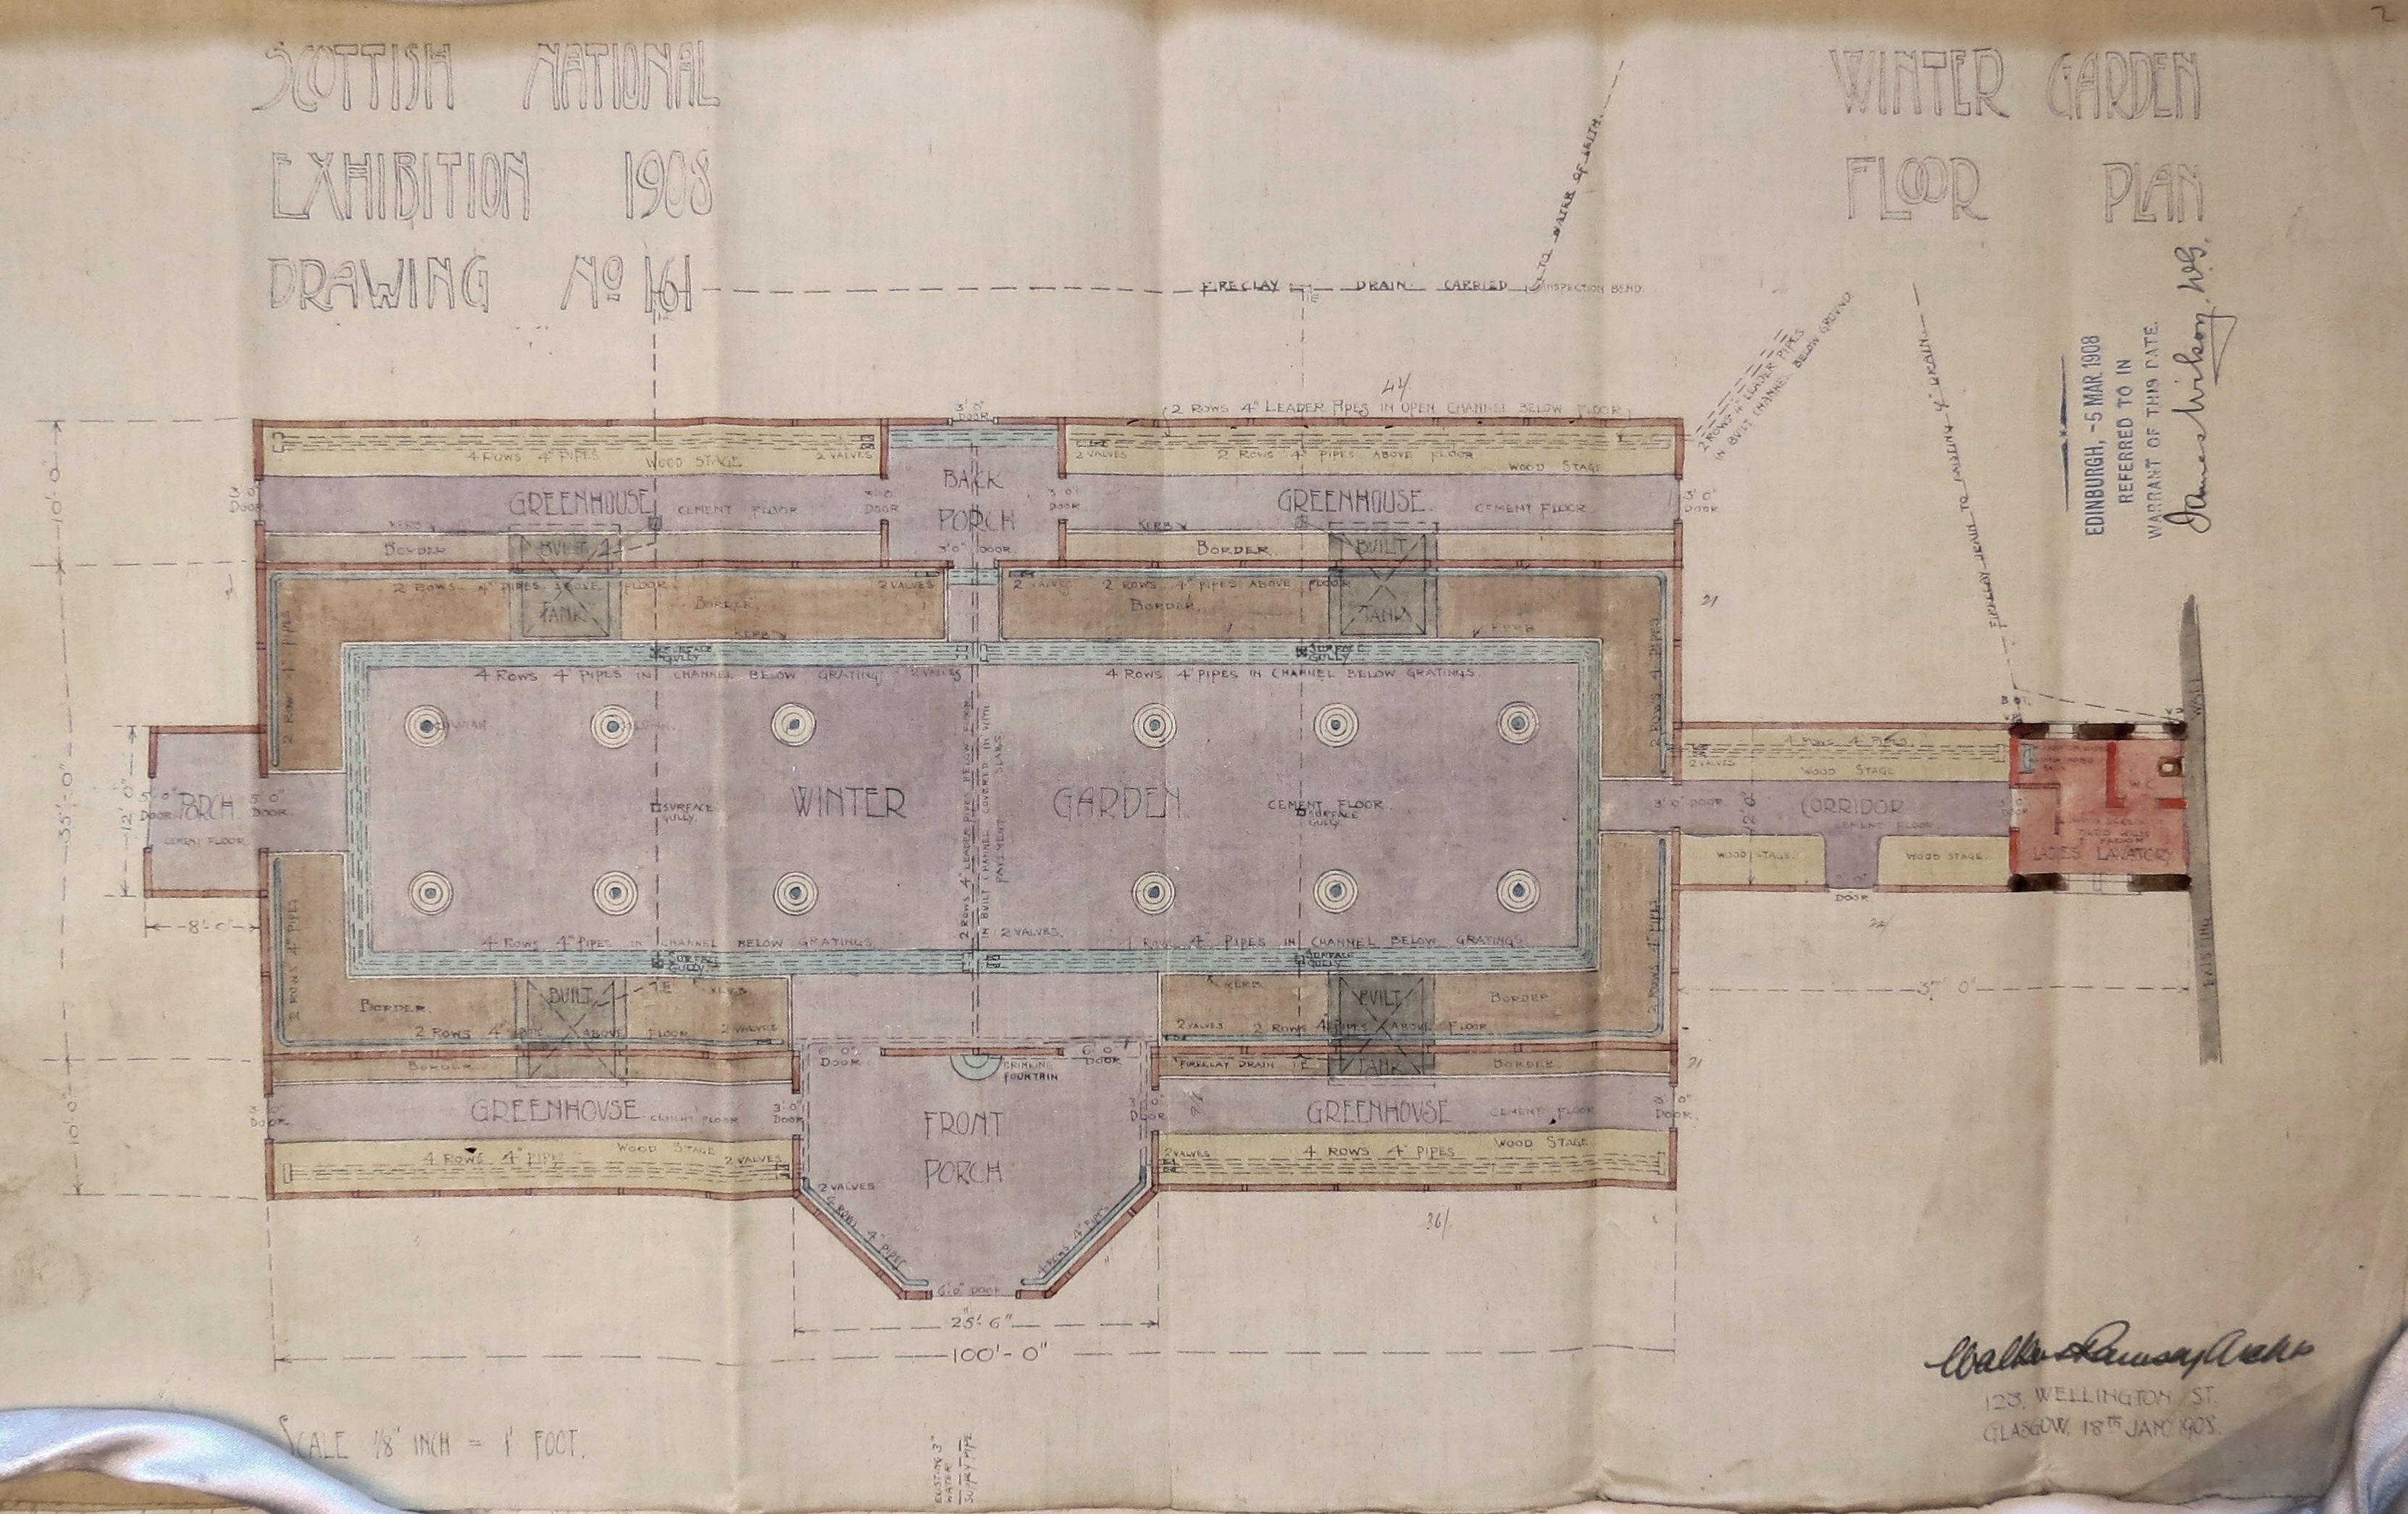 Scottish National Exhibition 1908, Winter Garden Floor Plan